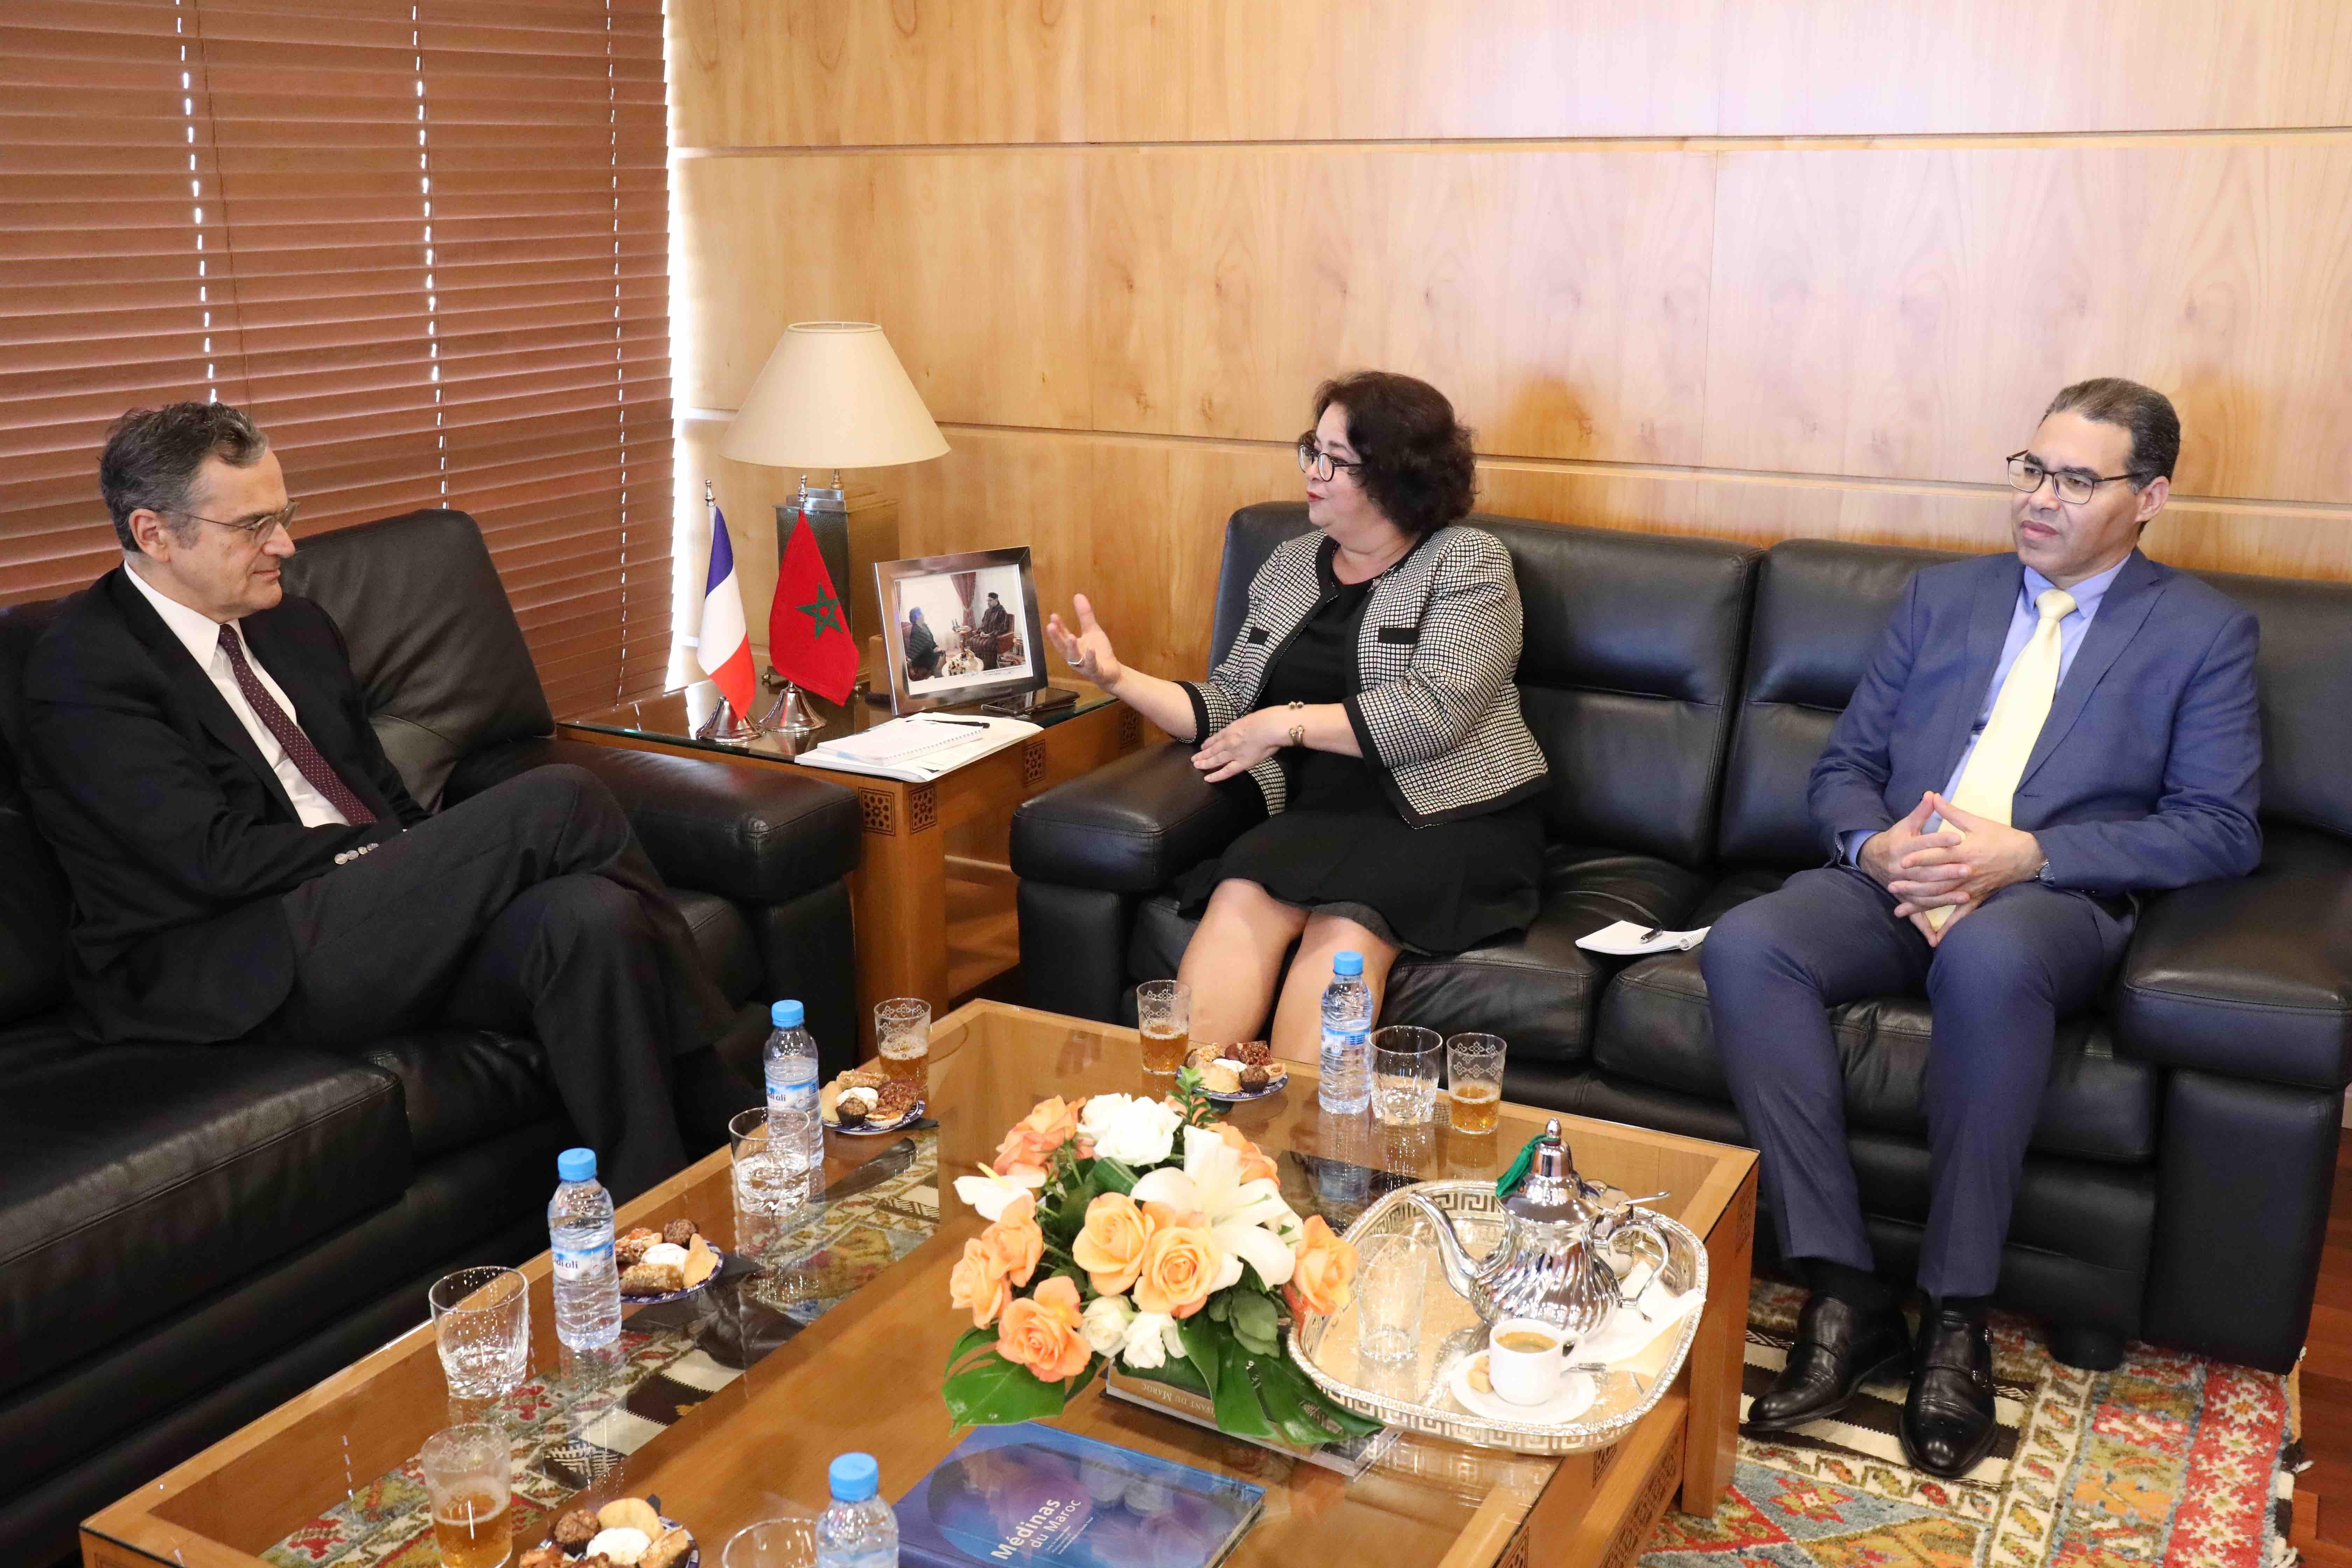 La HACA reçoit le président du CSA français